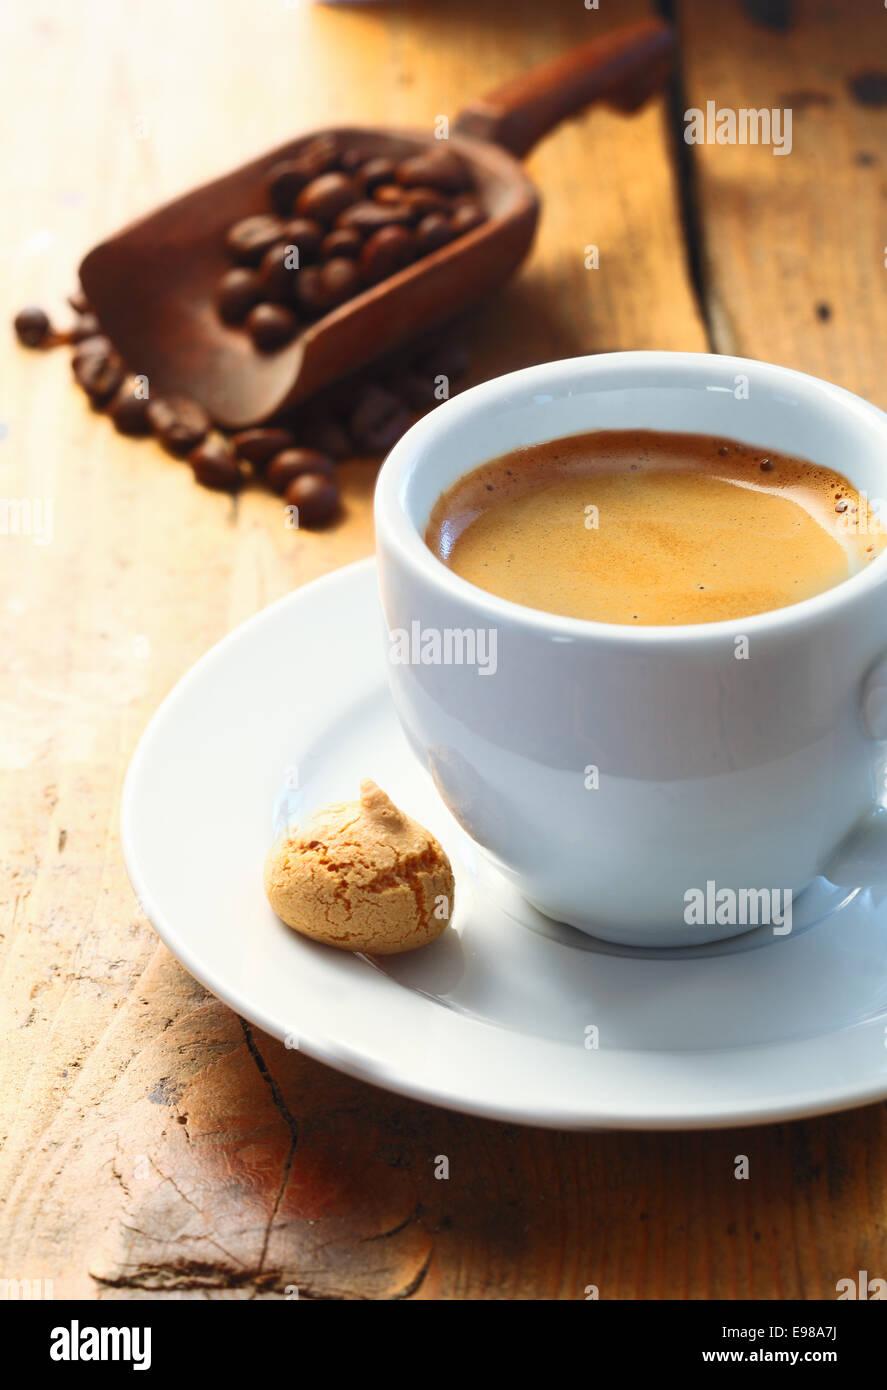 Café espresso aromatique fort servi dans une petite tasse avec un macaron sur le côté et une boule Photo Stock